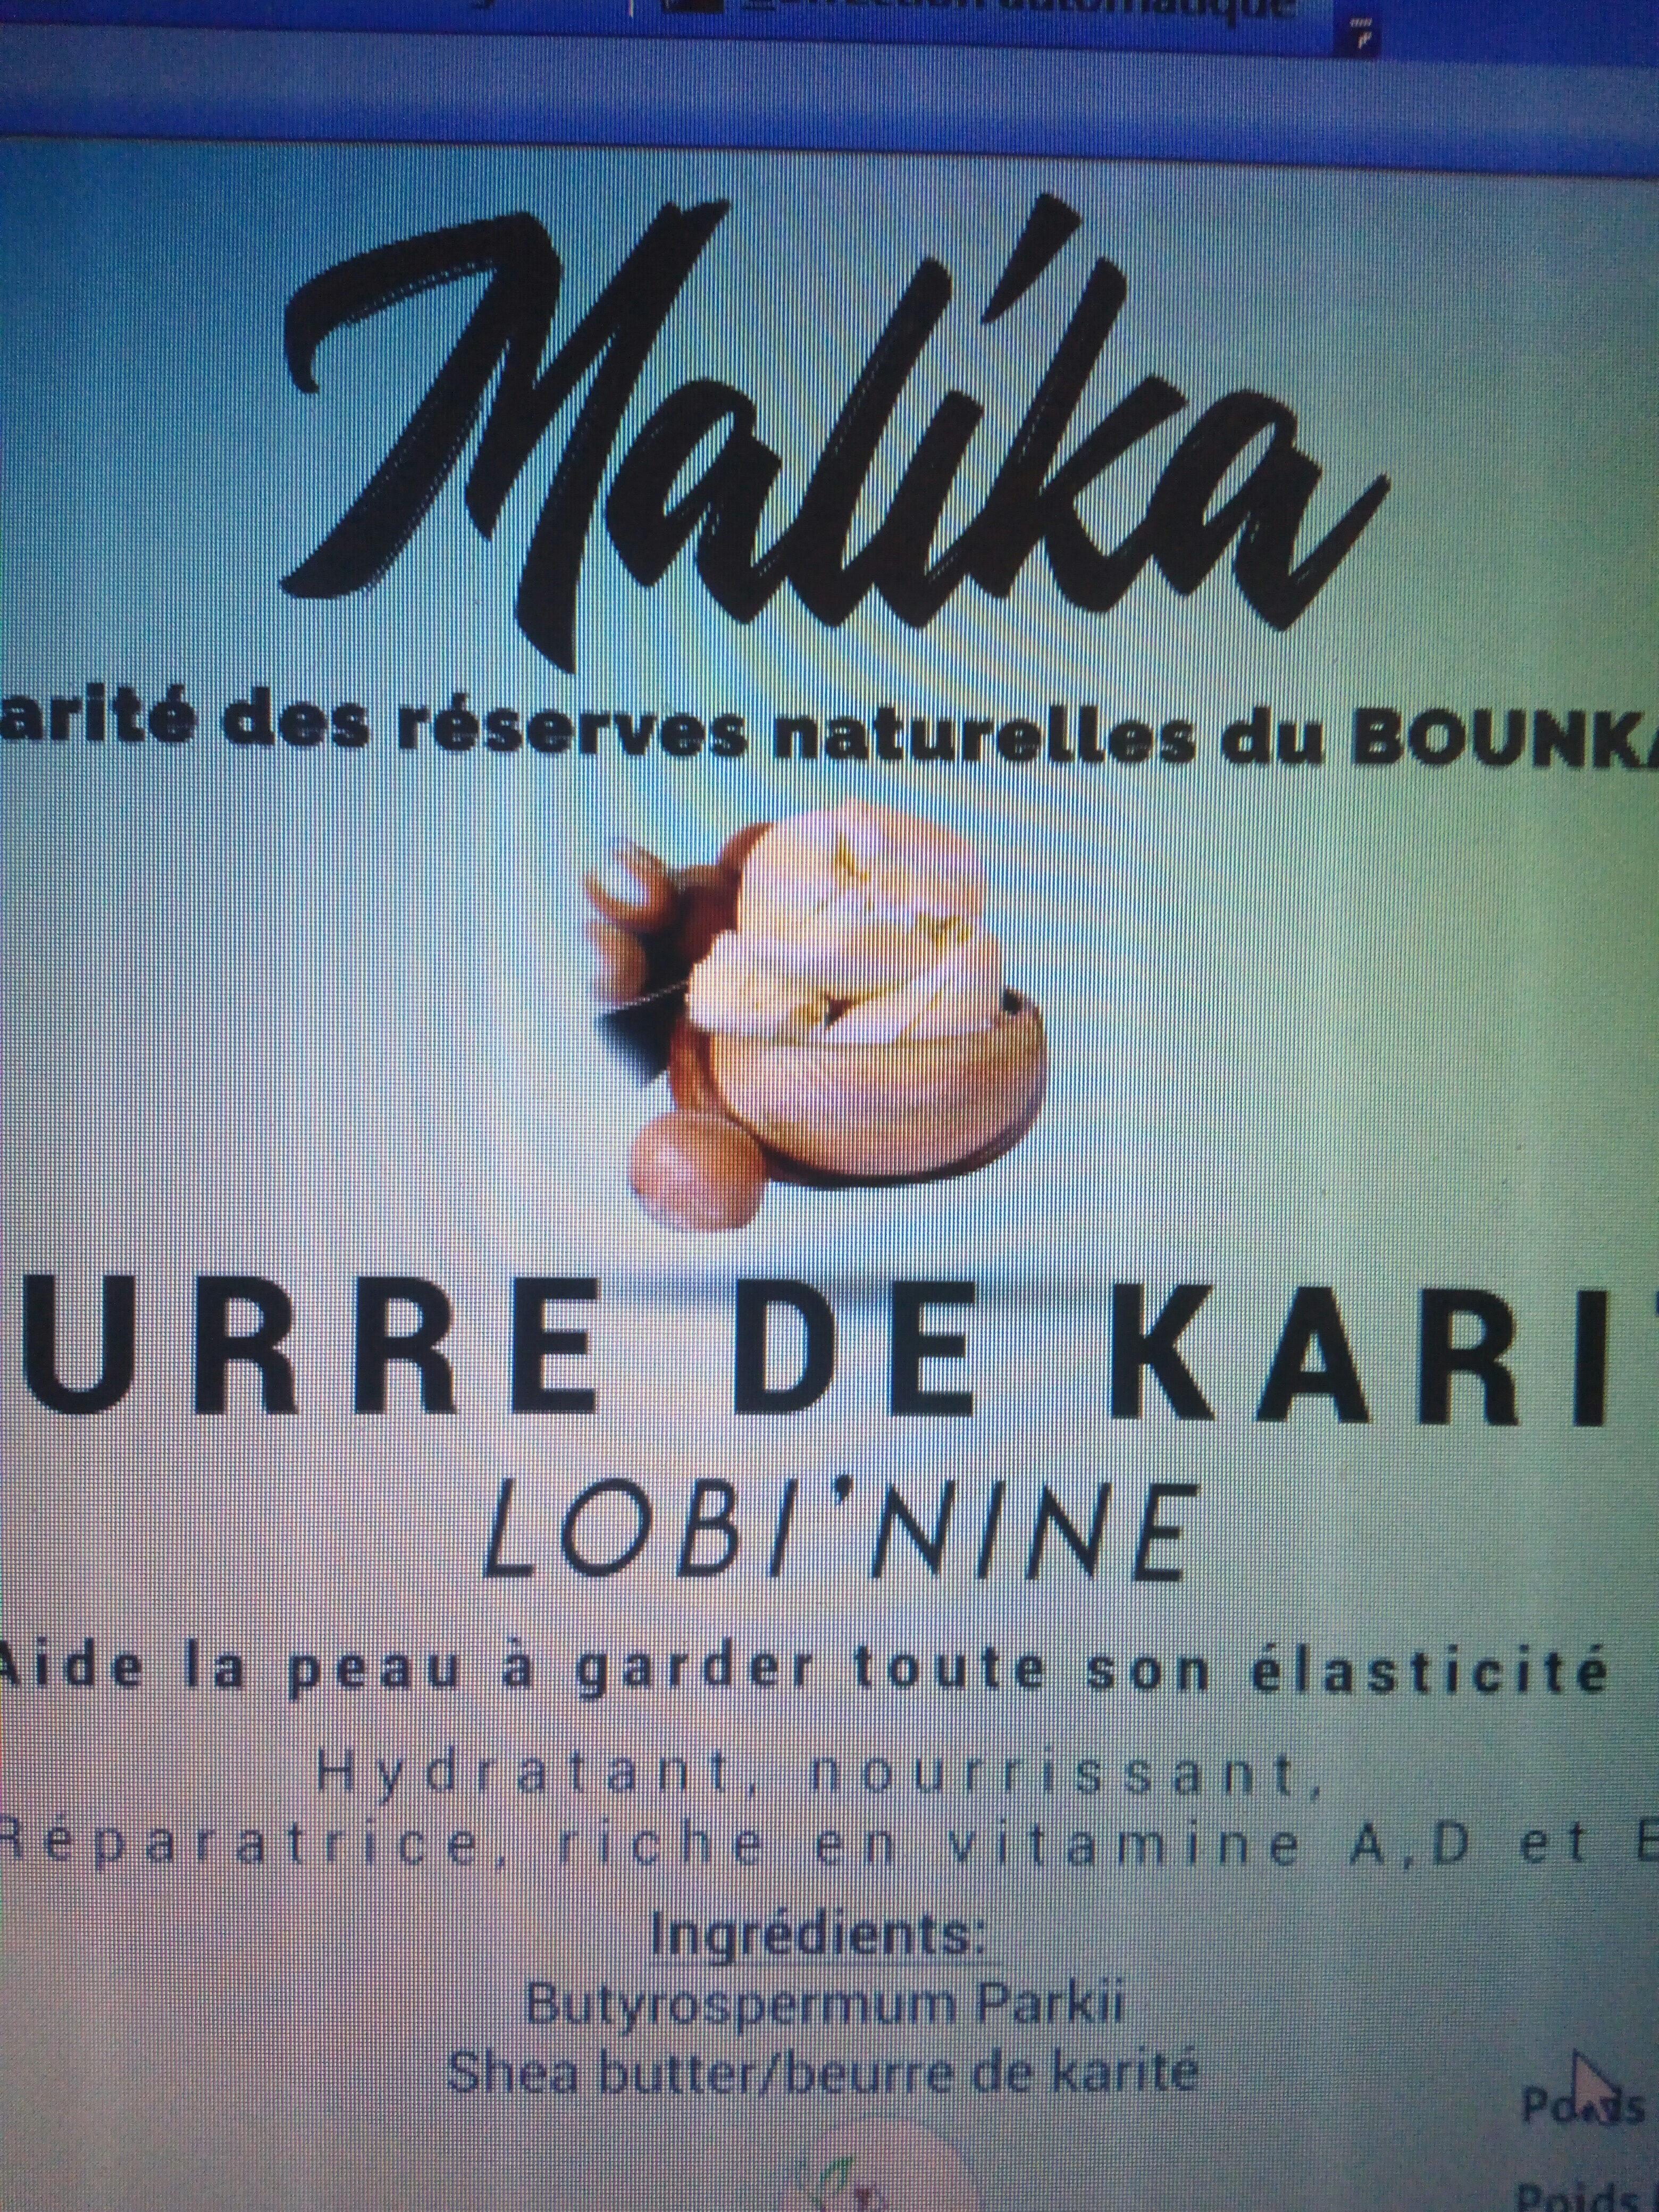 Beurre de karité - Produit